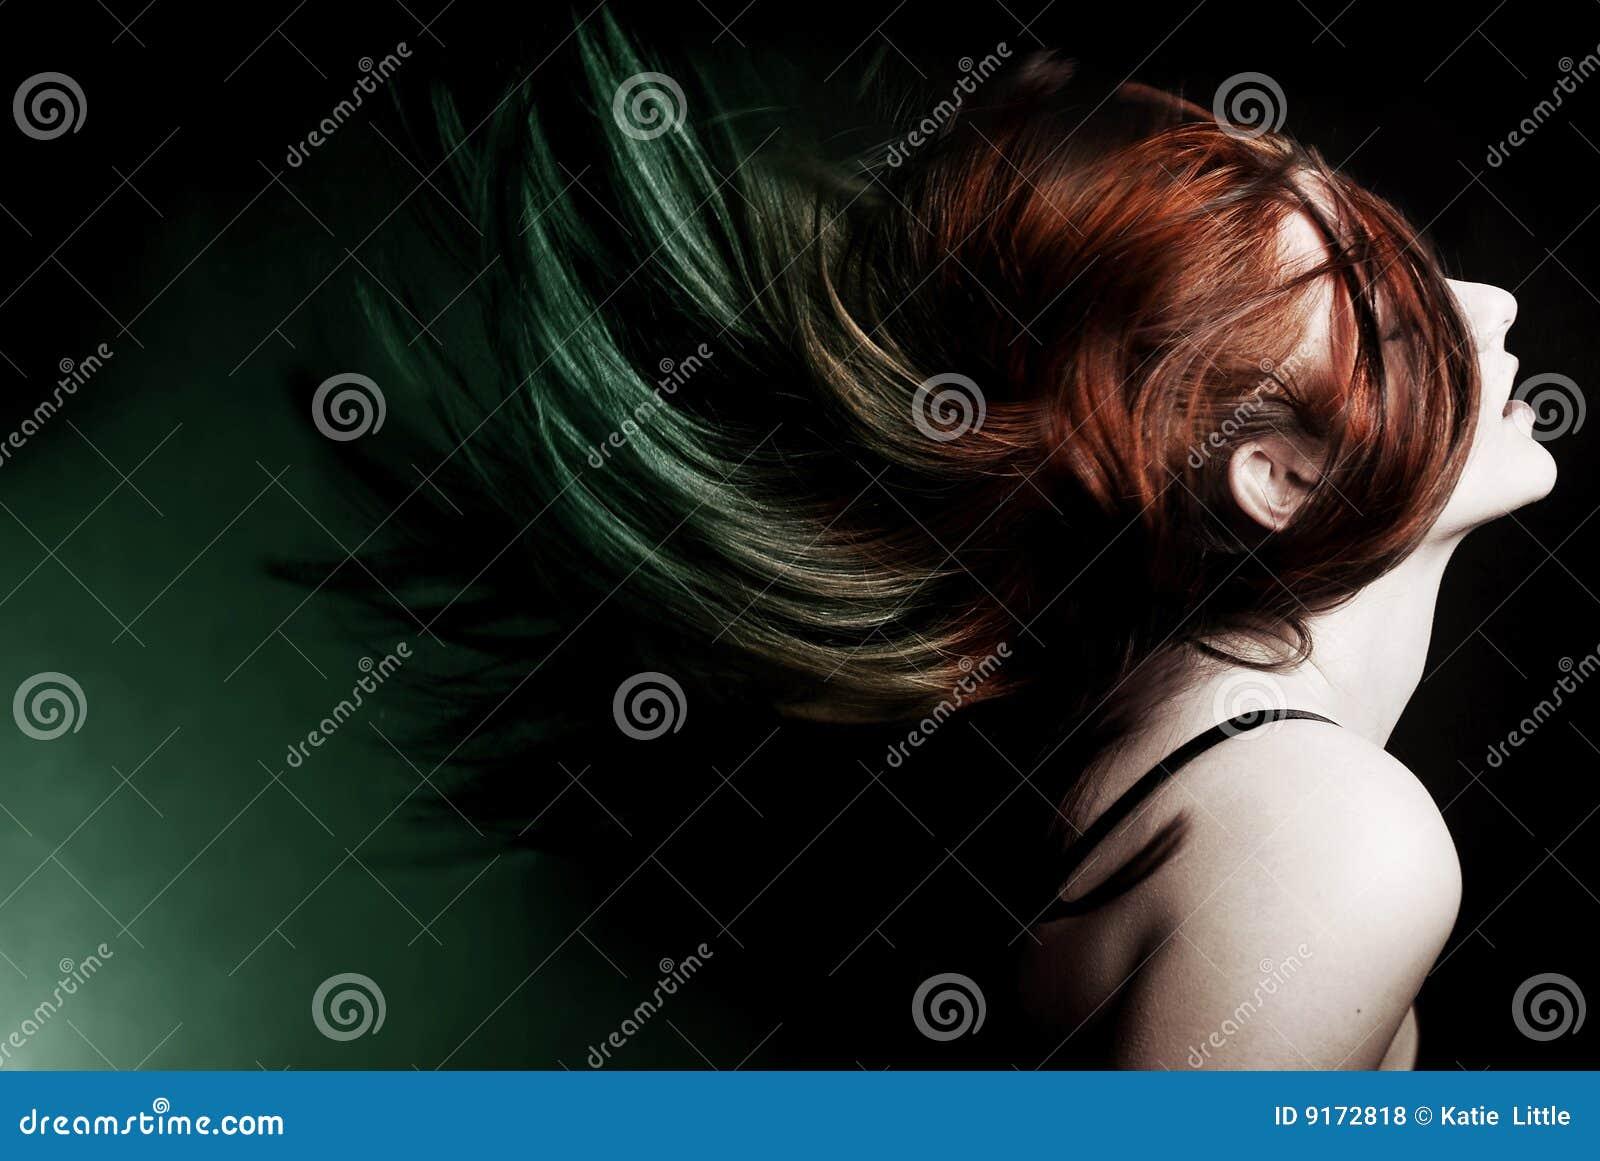 Verrücktes Haar